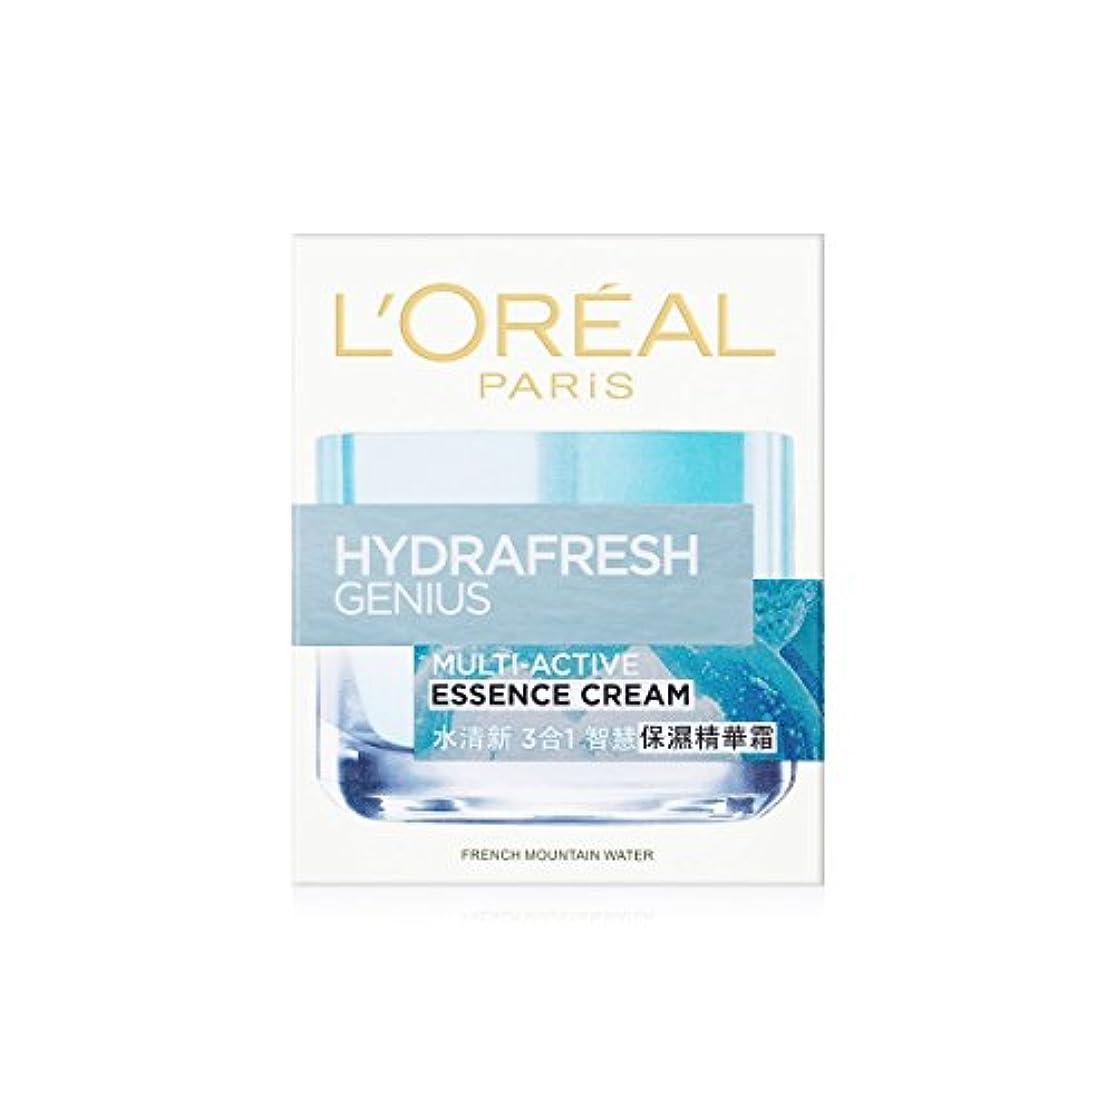 付き添い人完全に乾く飾り羽ロレアル Hydrafresh Genius Multi-Active Essence Cream 50ml/1.7oz並行輸入品